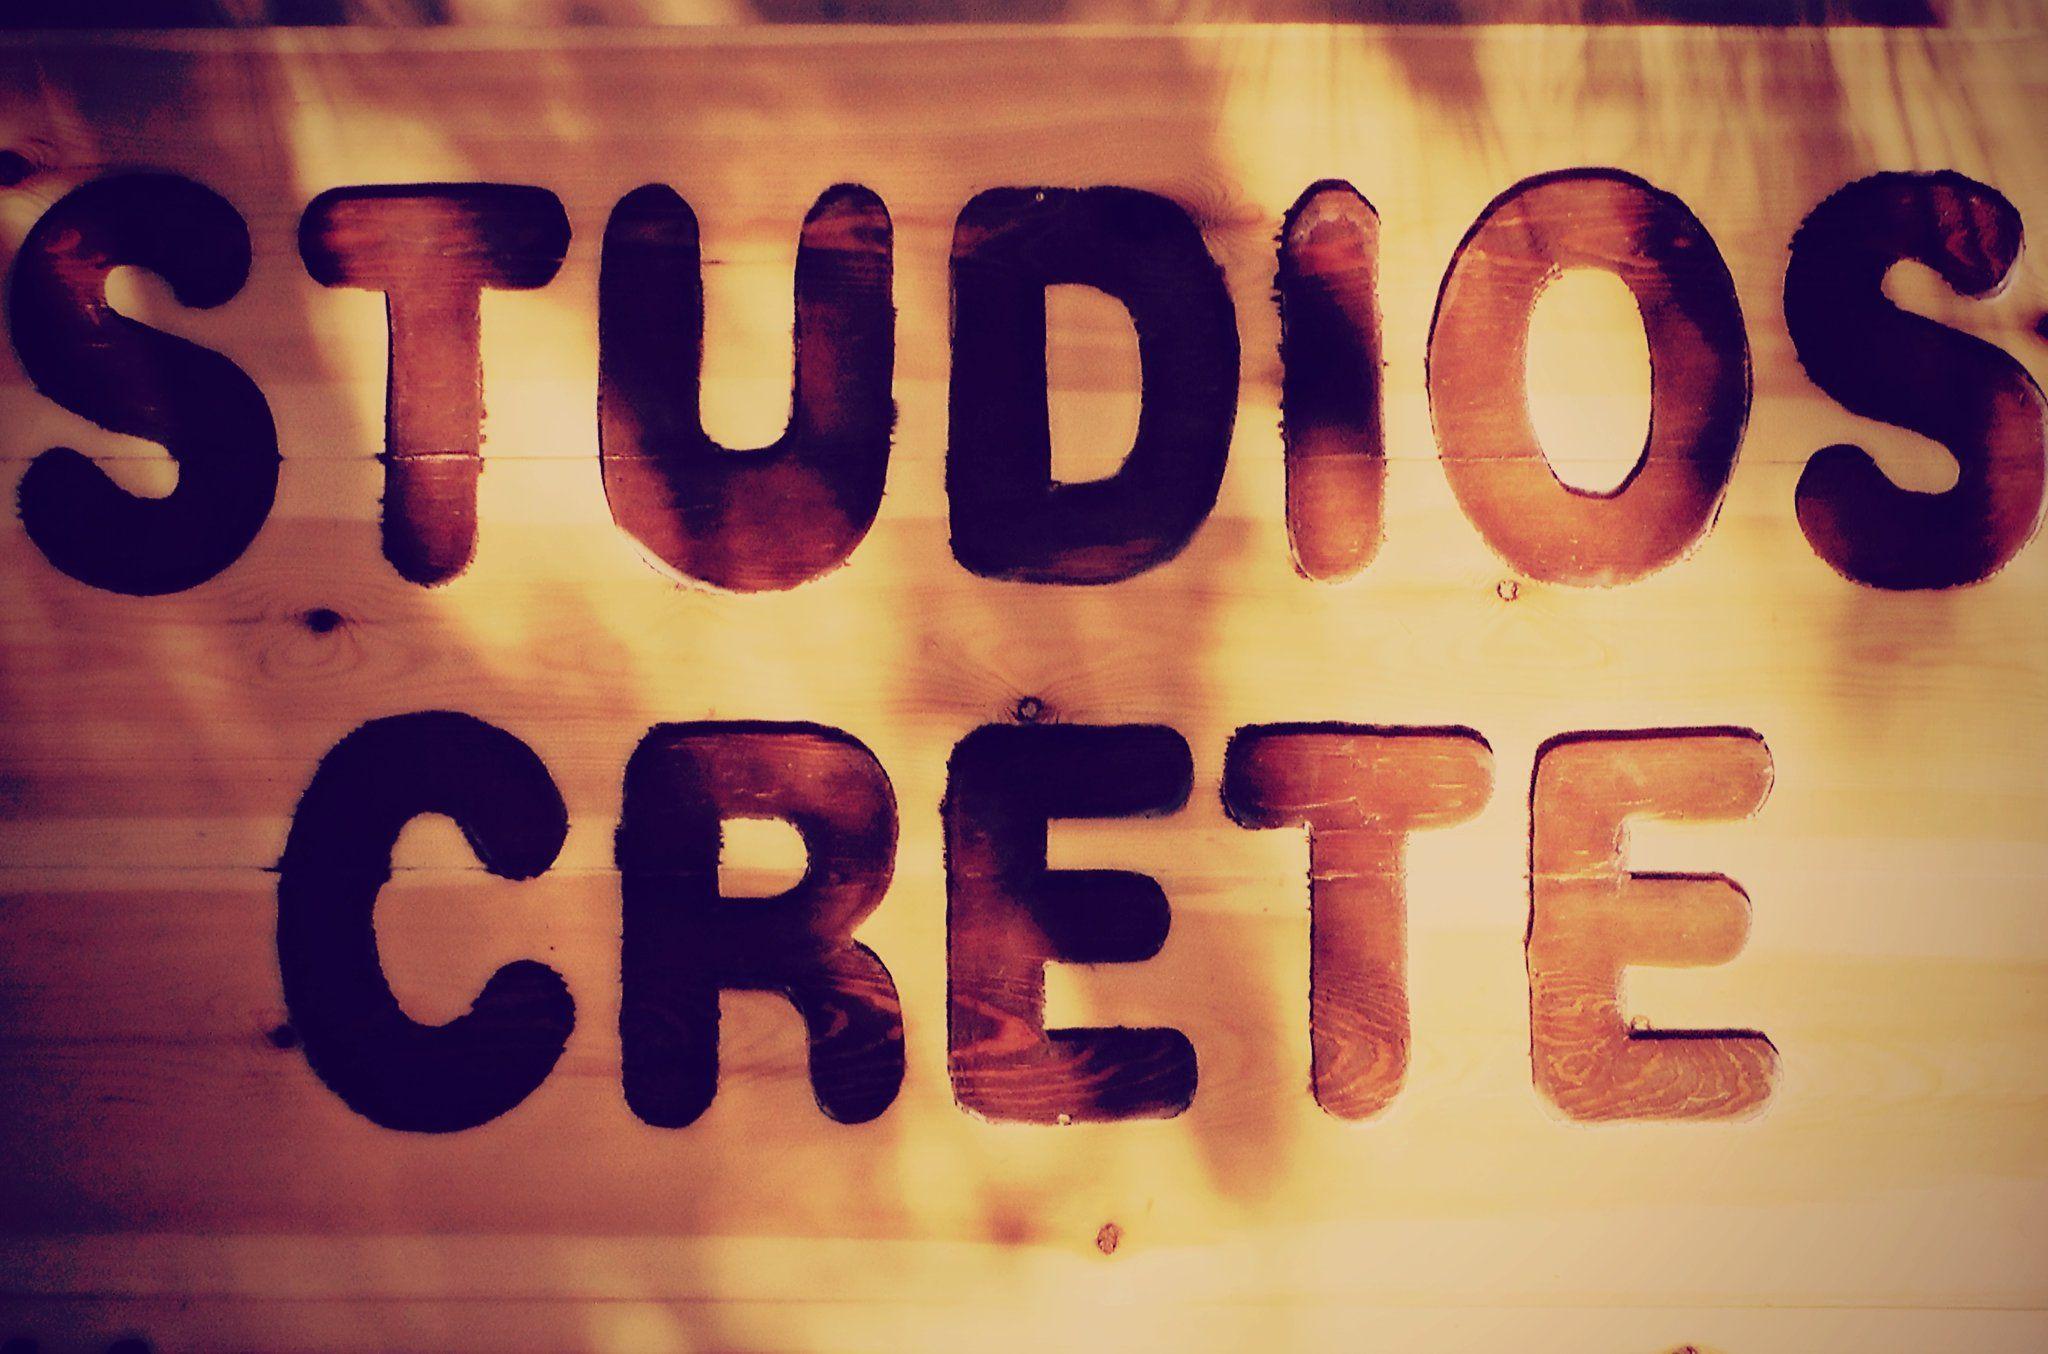 Studios Crete